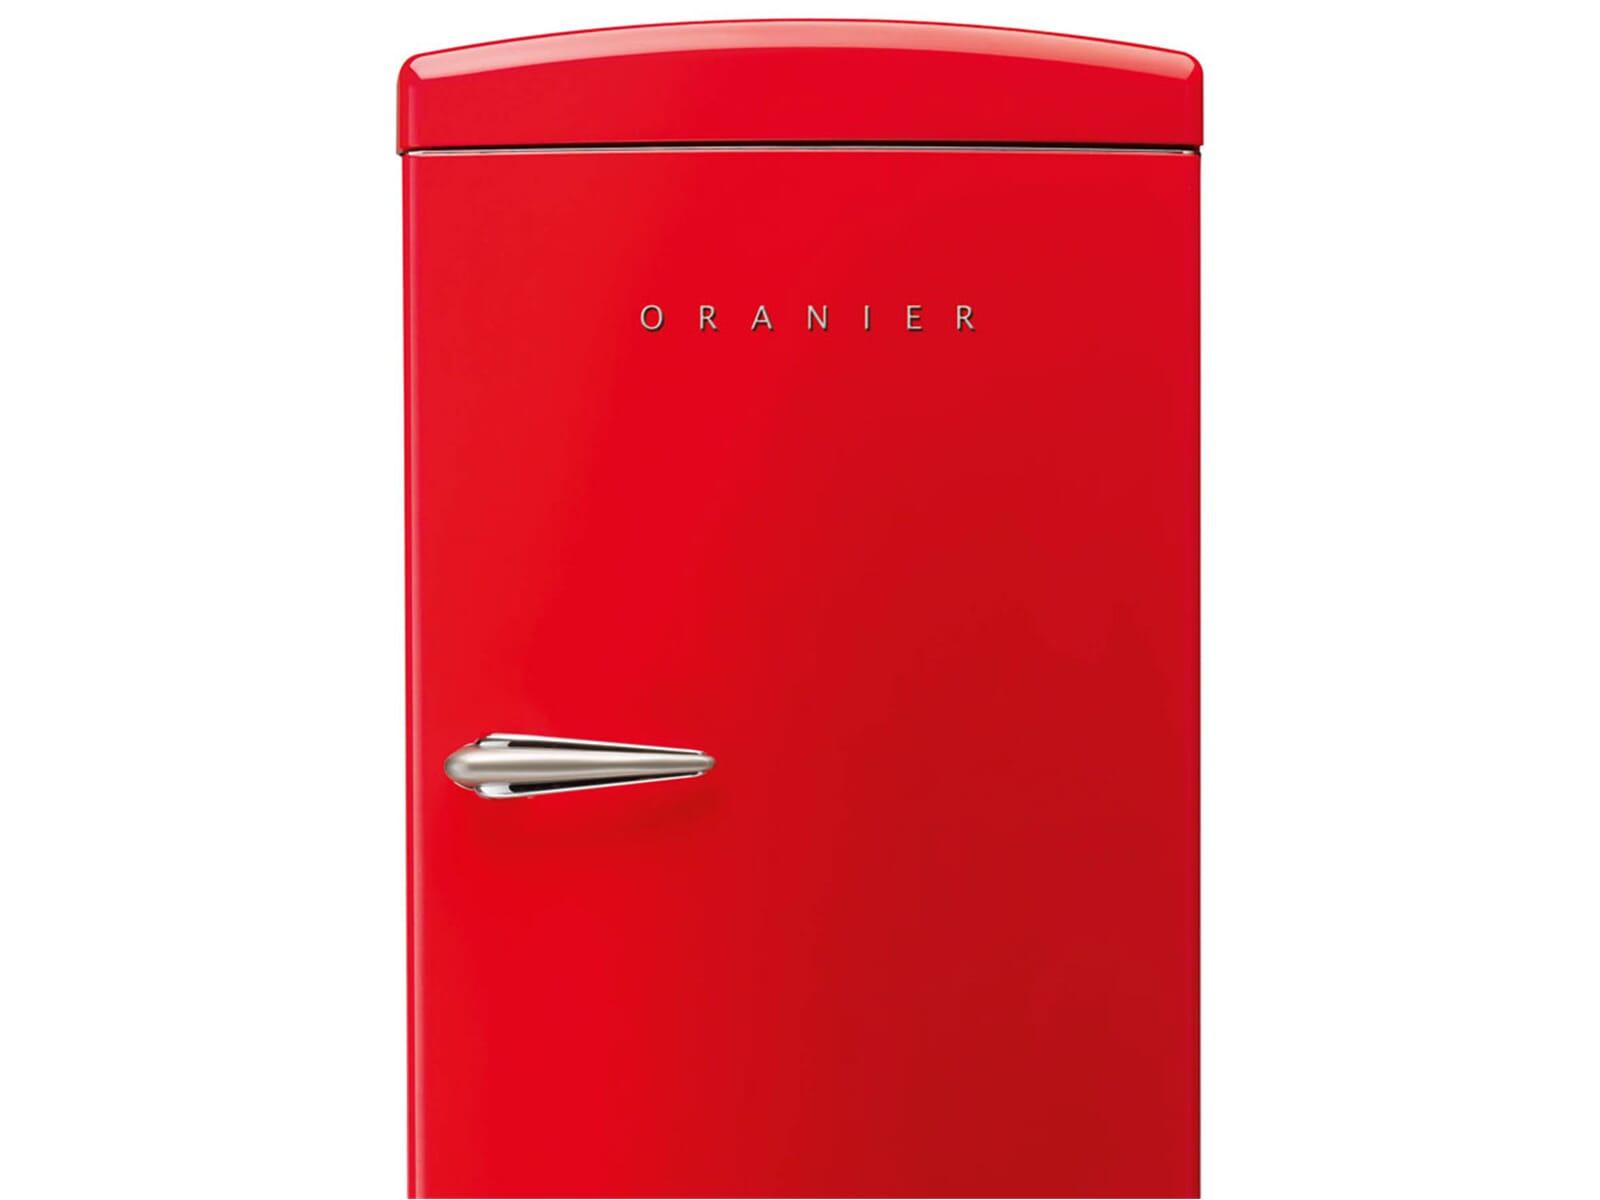 Kühlschrank Amerikanischer Stil : Gefrierschrank no frost günstig fotos kühlschrank amerikanischer